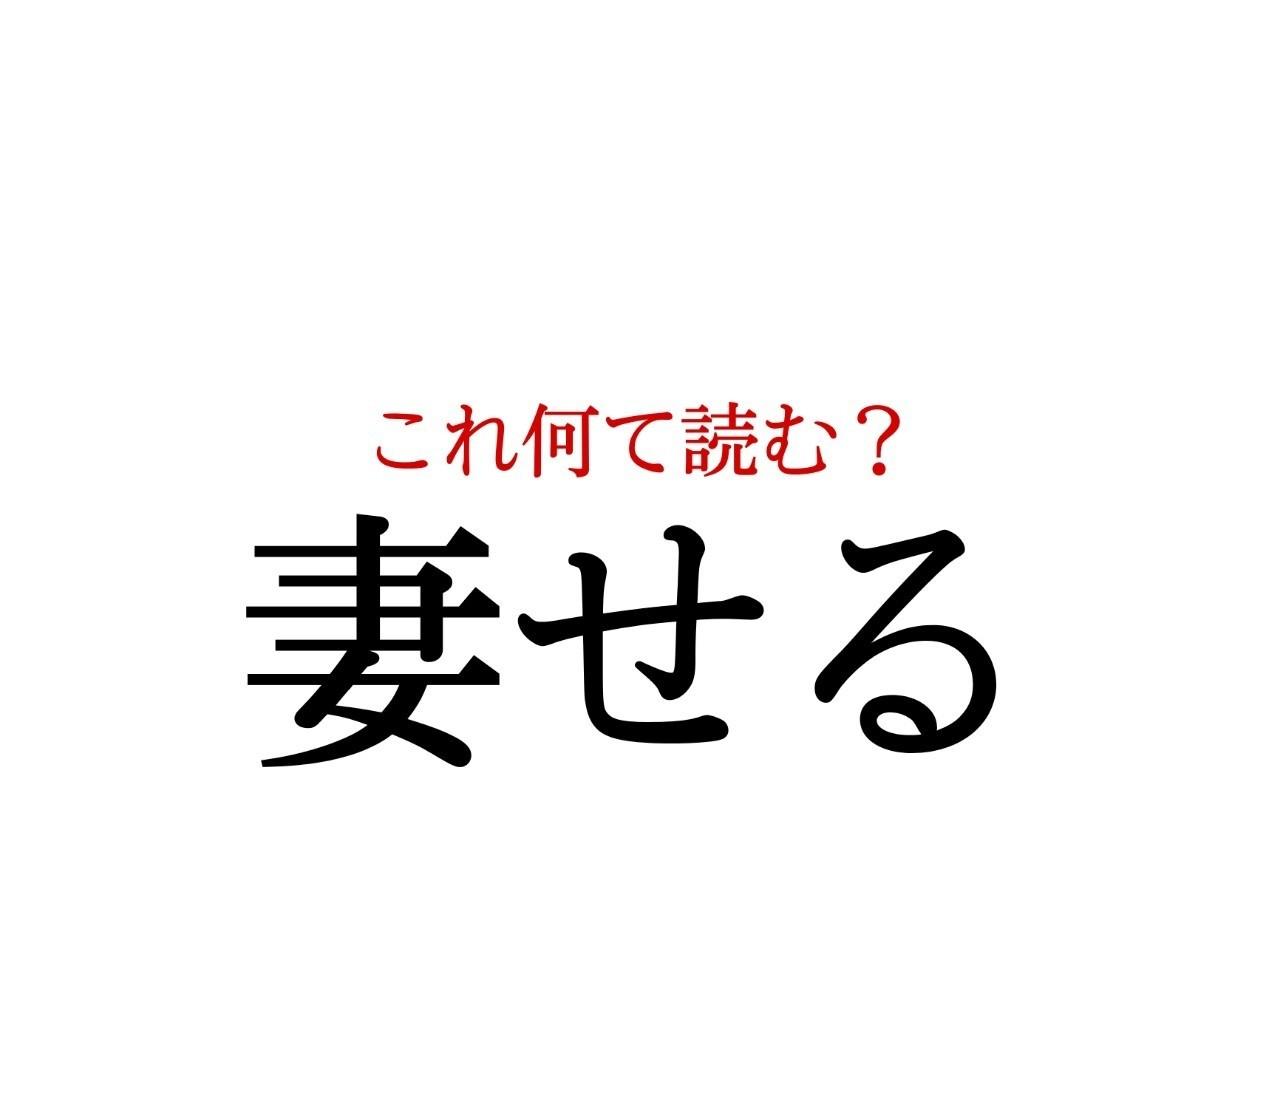 「妻せる」:この漢字、自信を持って読めますか?【働く大人の漢字クイズvol.251】